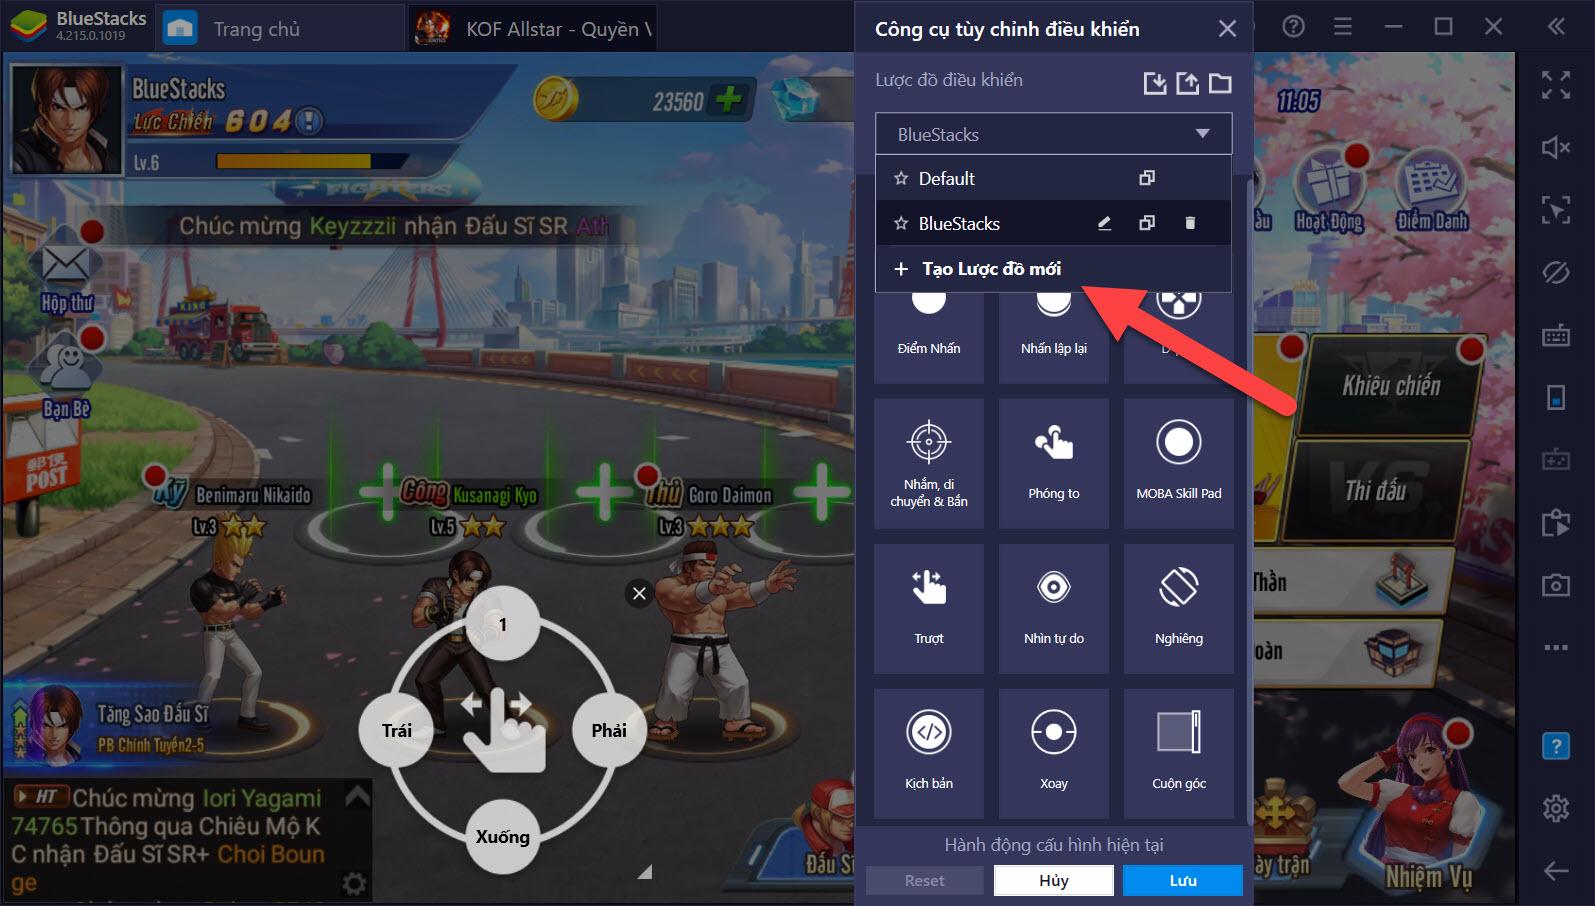 Hướng dẫn Chơi KOF AllStar – Quyền Vương Chiến trên PC với tính năng Game Controls